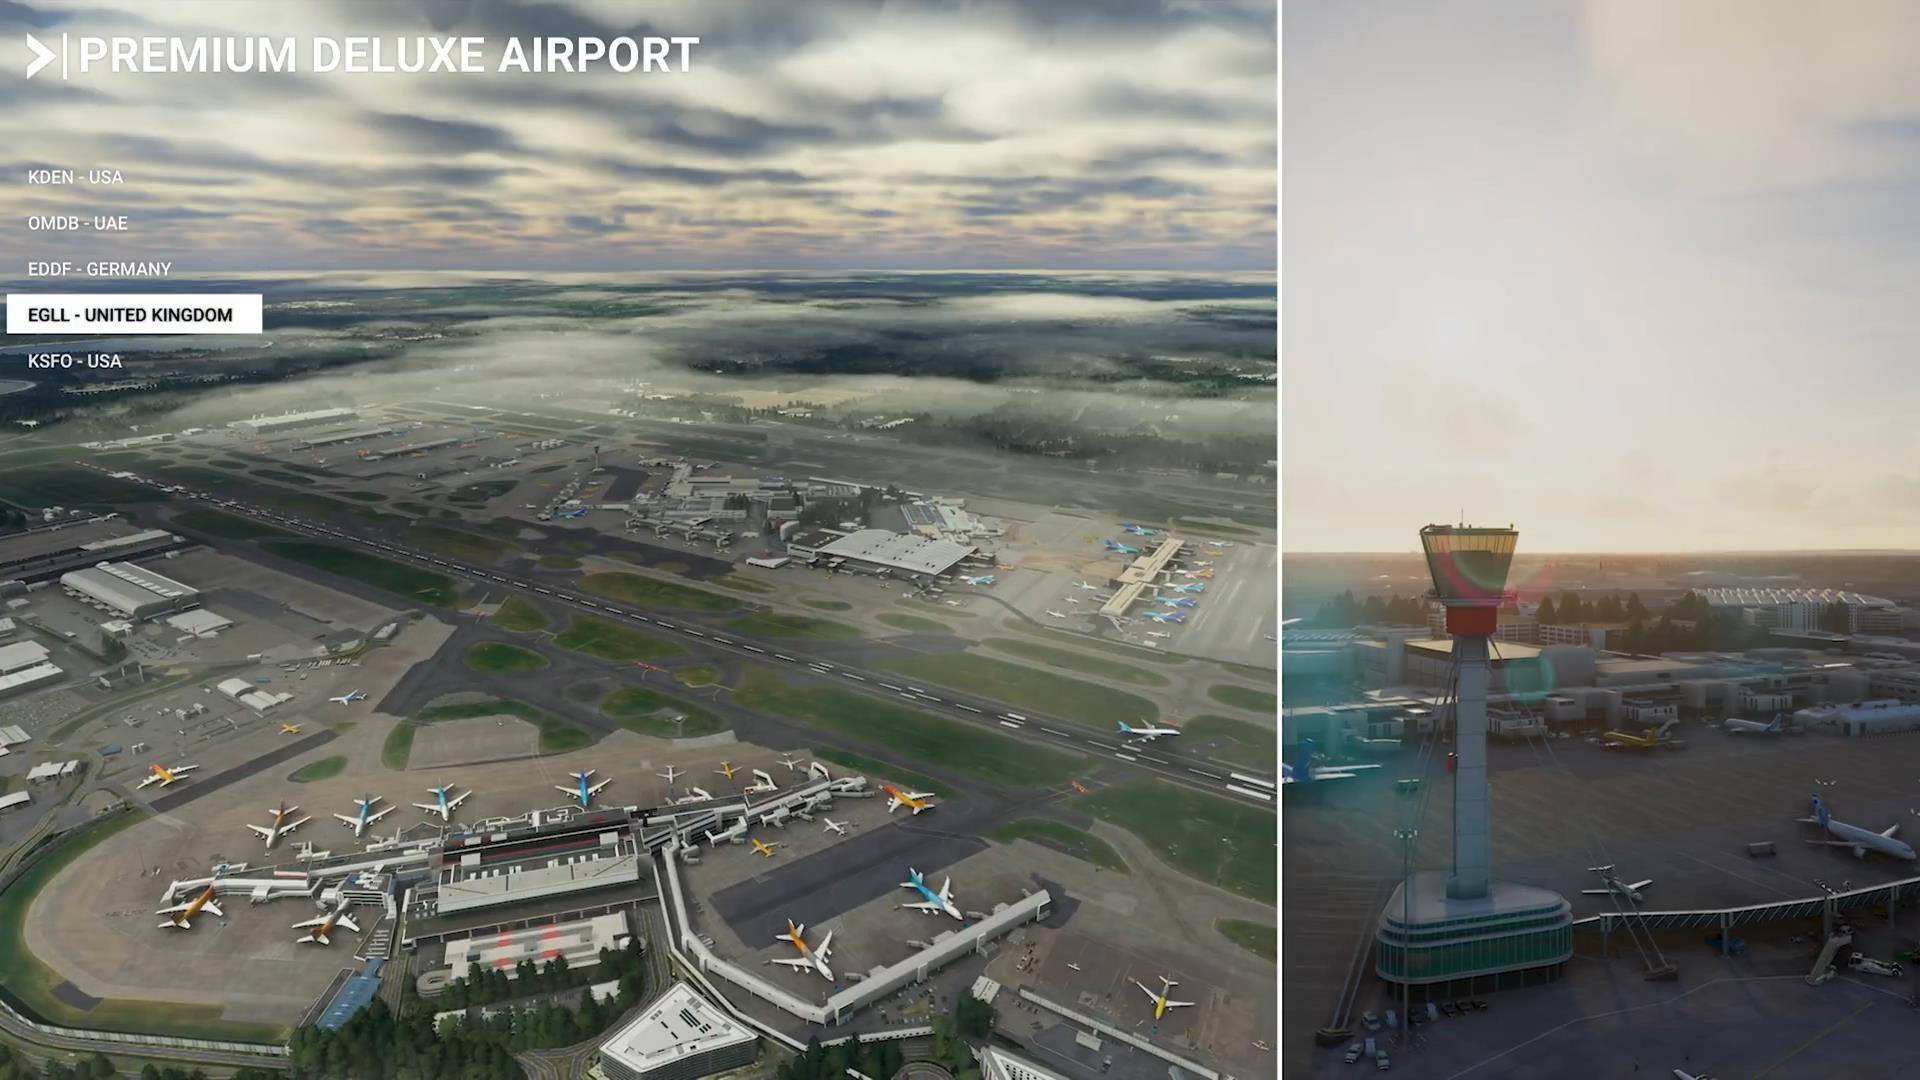 《微软飞行模拟》新预告片 画面精致细节超乎想象